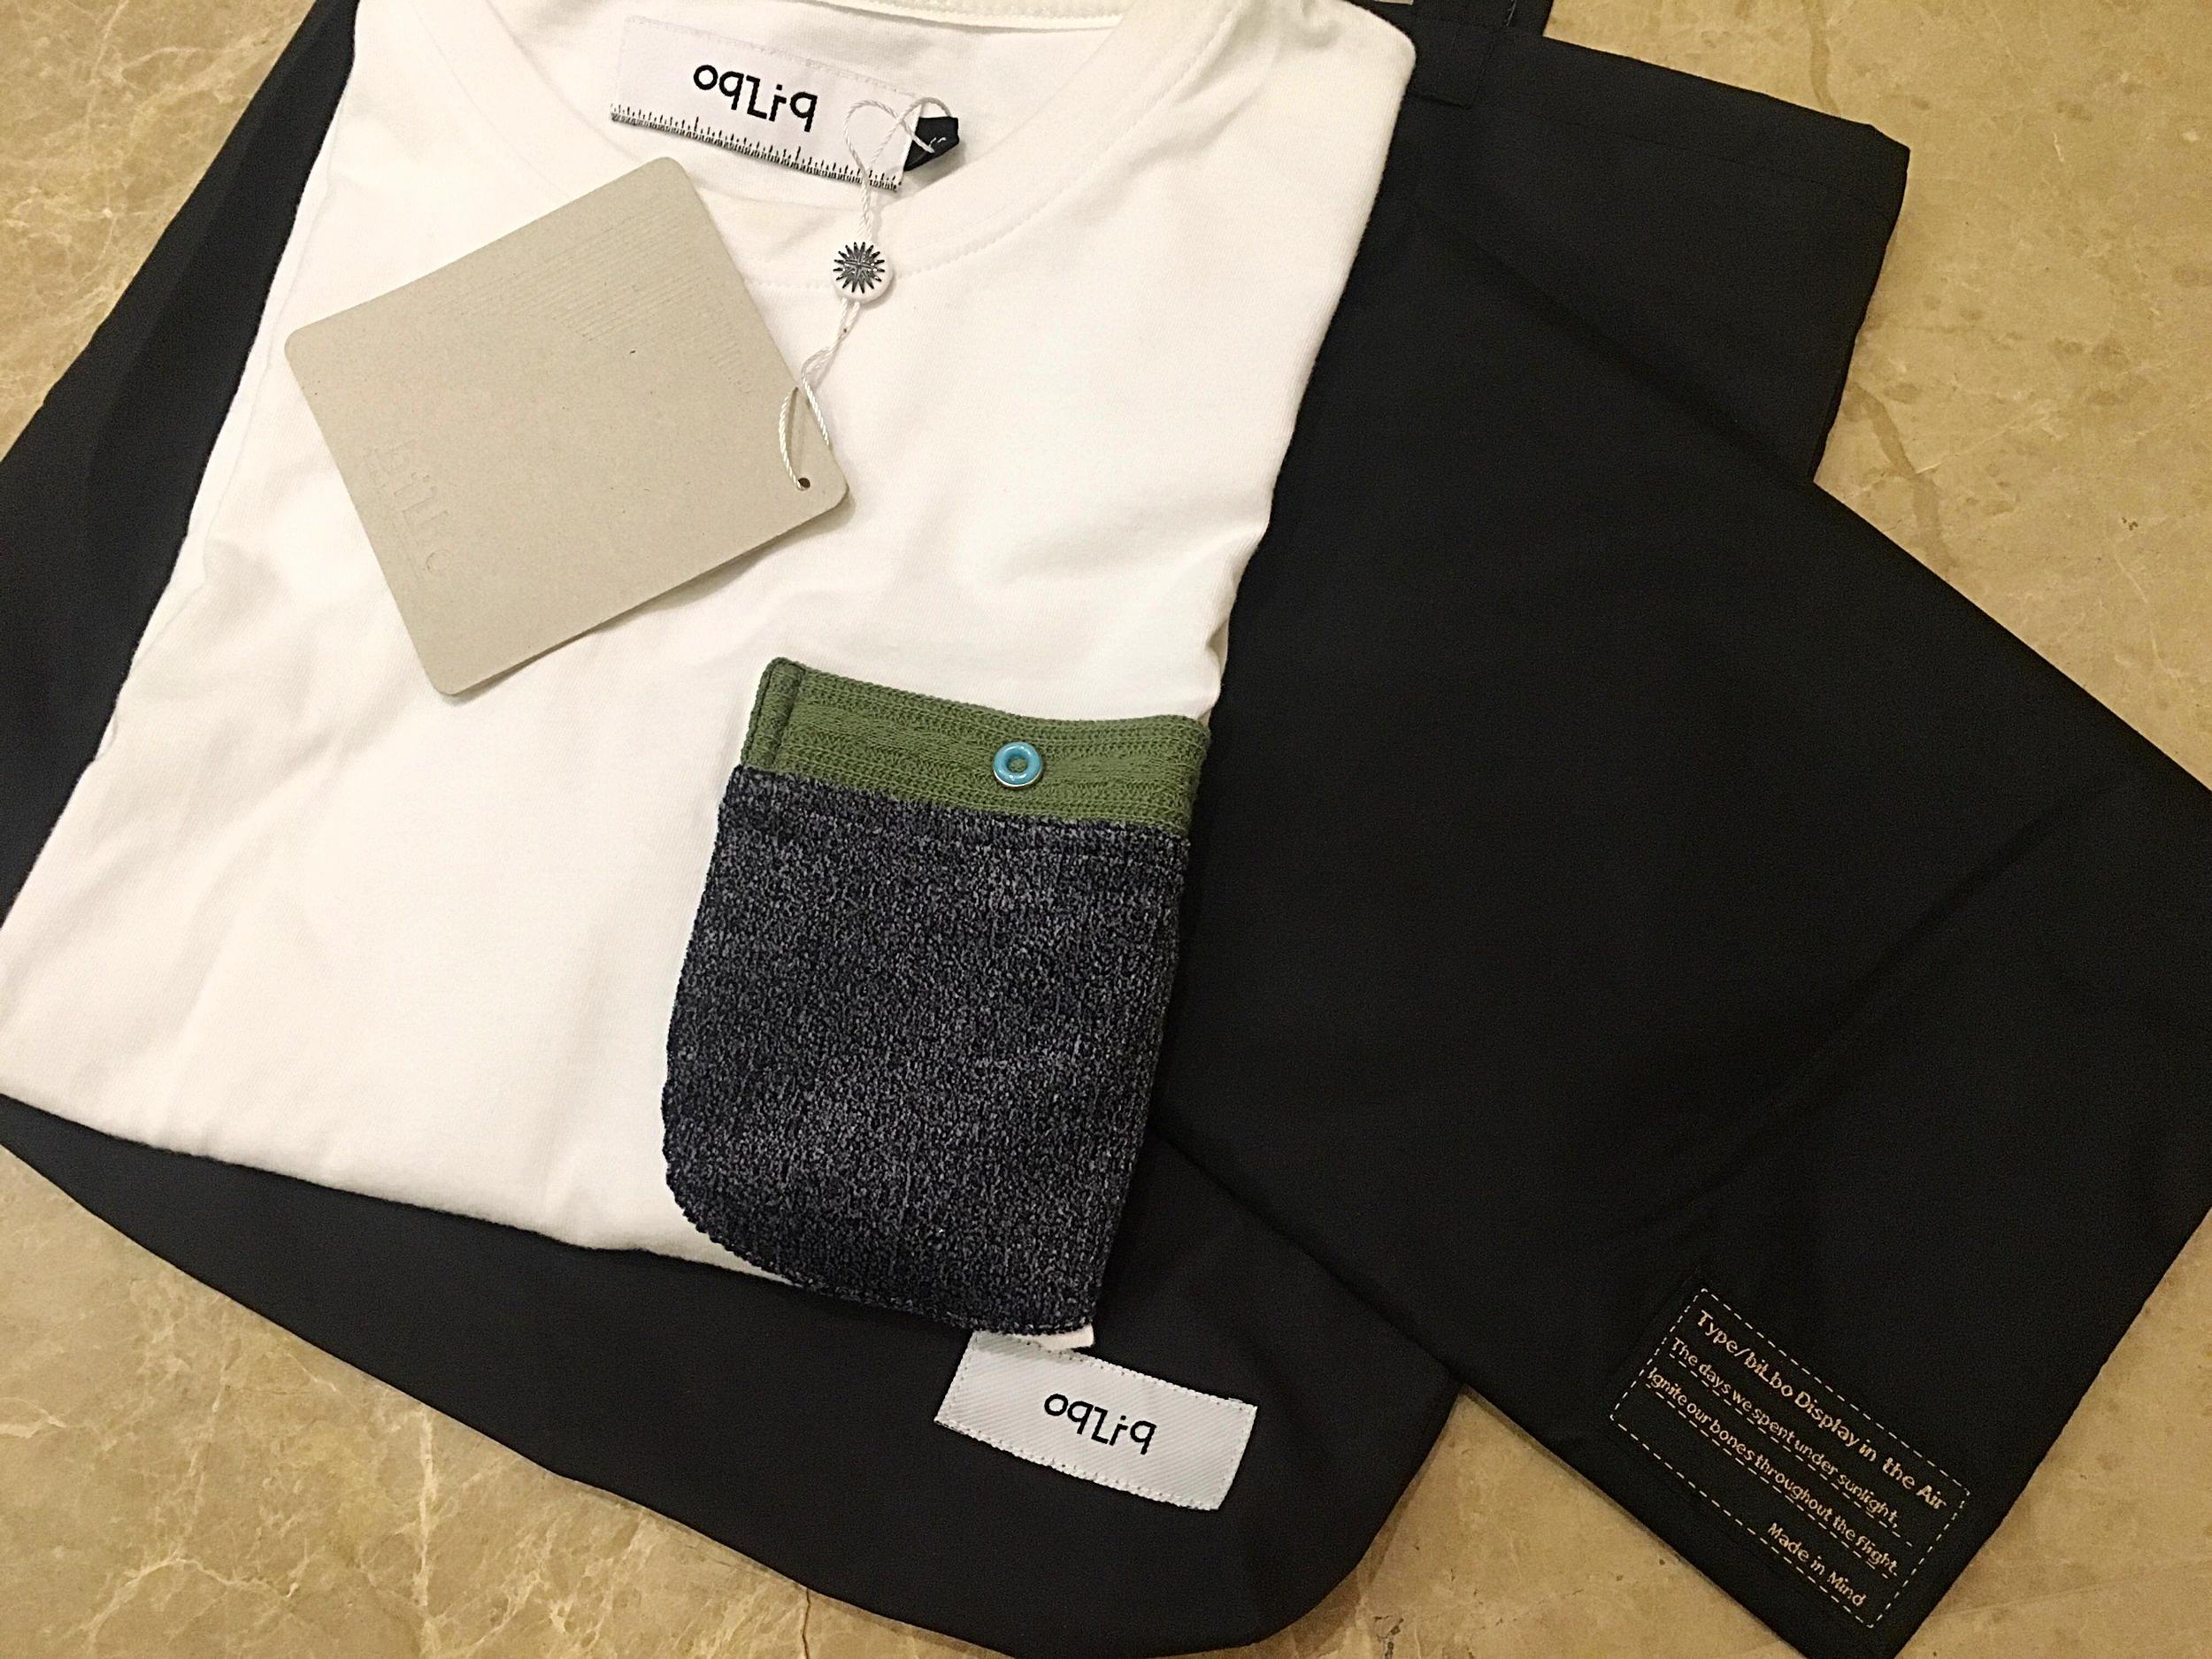 一千塊的衣服,包裝竟然有防水背袋+防塵套。 老闆這樣做生意是合理的嗎...難怪說台灣品牌難做,因為都太求好心切了啊!